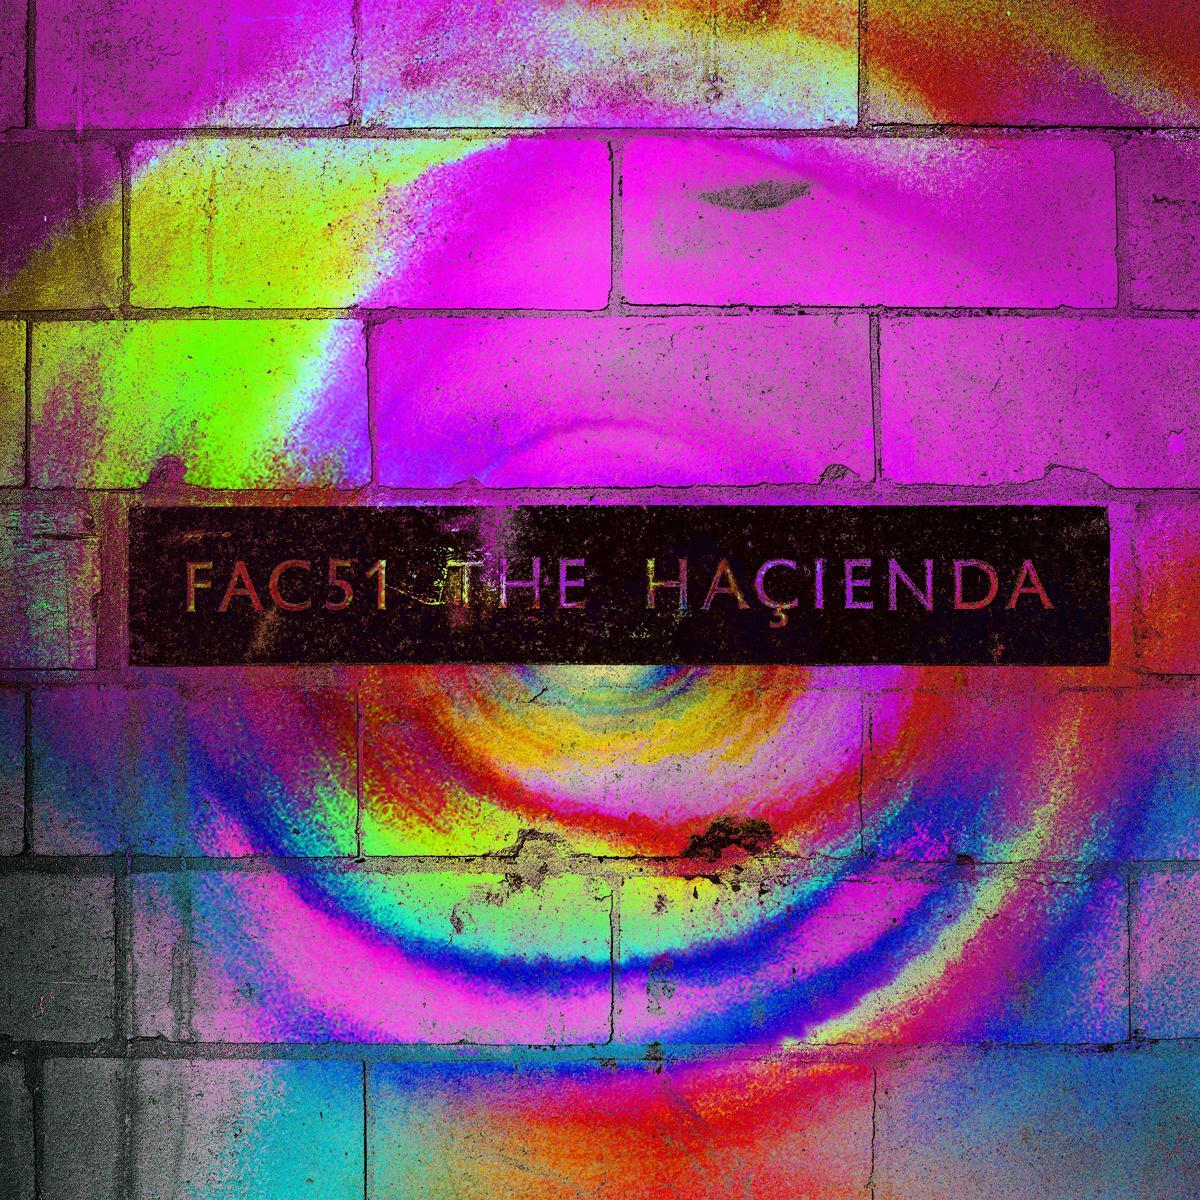 Future FAC51